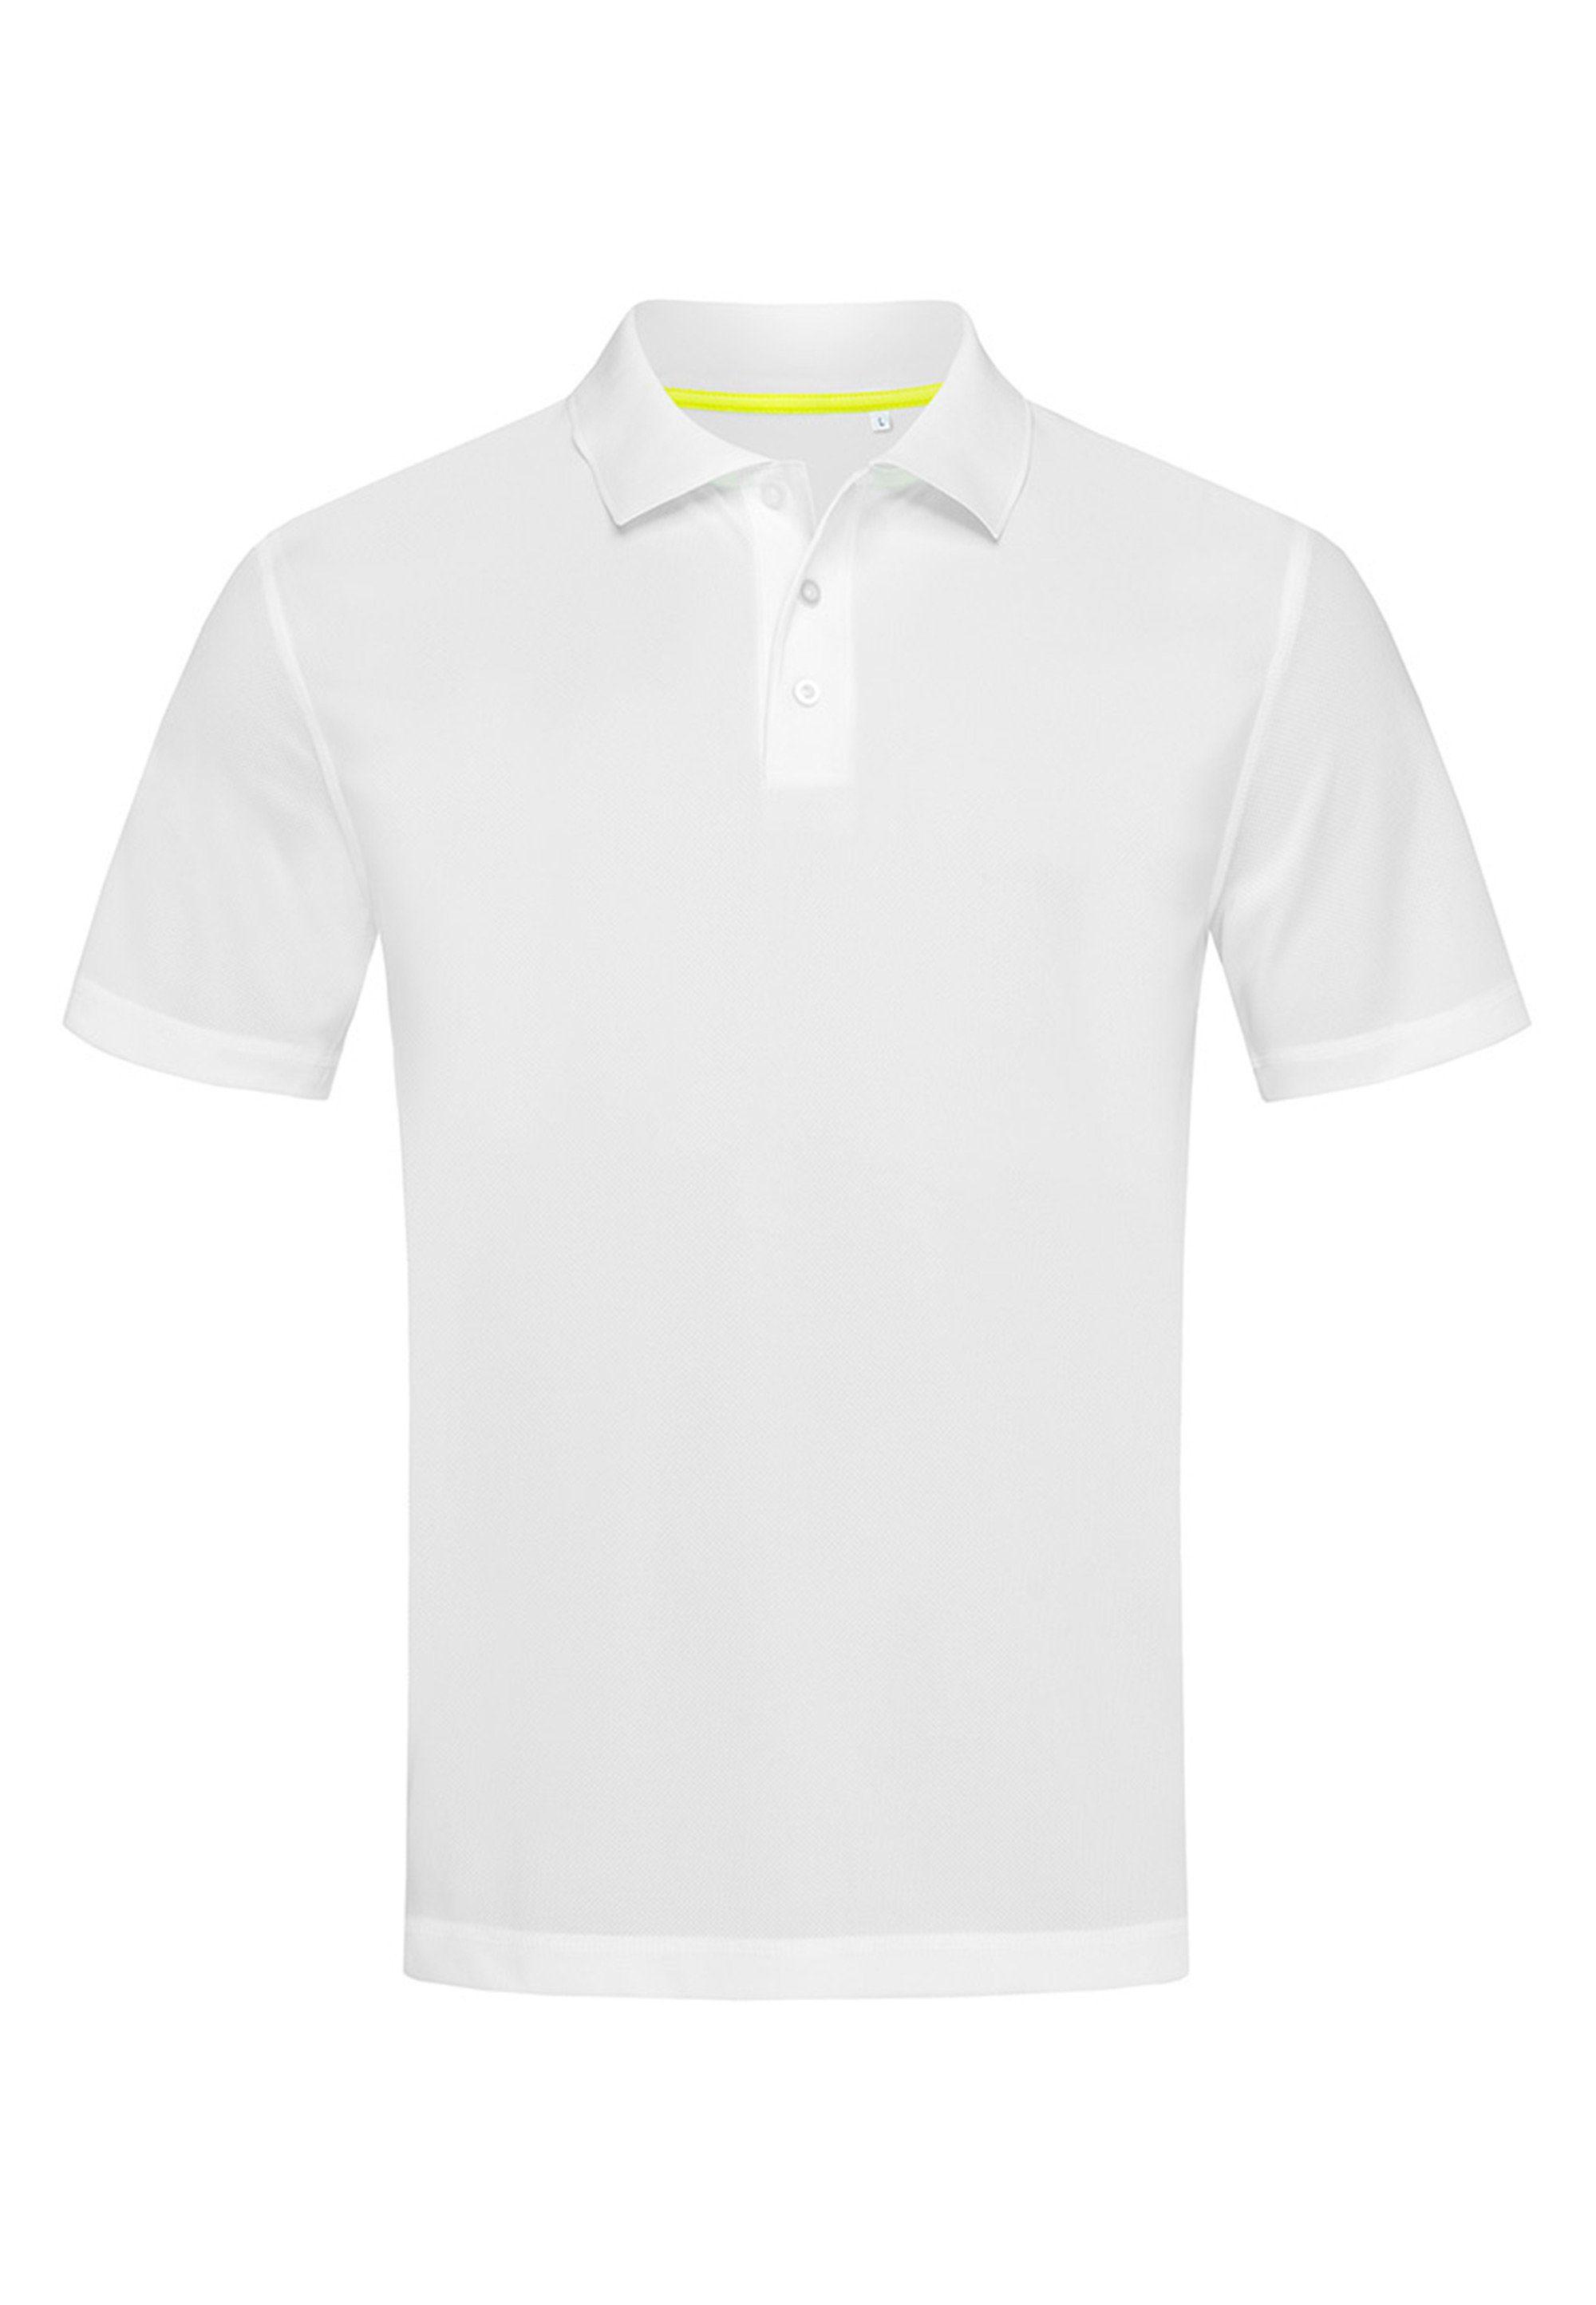 Stedman Poloshirt mit Feuchtigkeitsregulierung